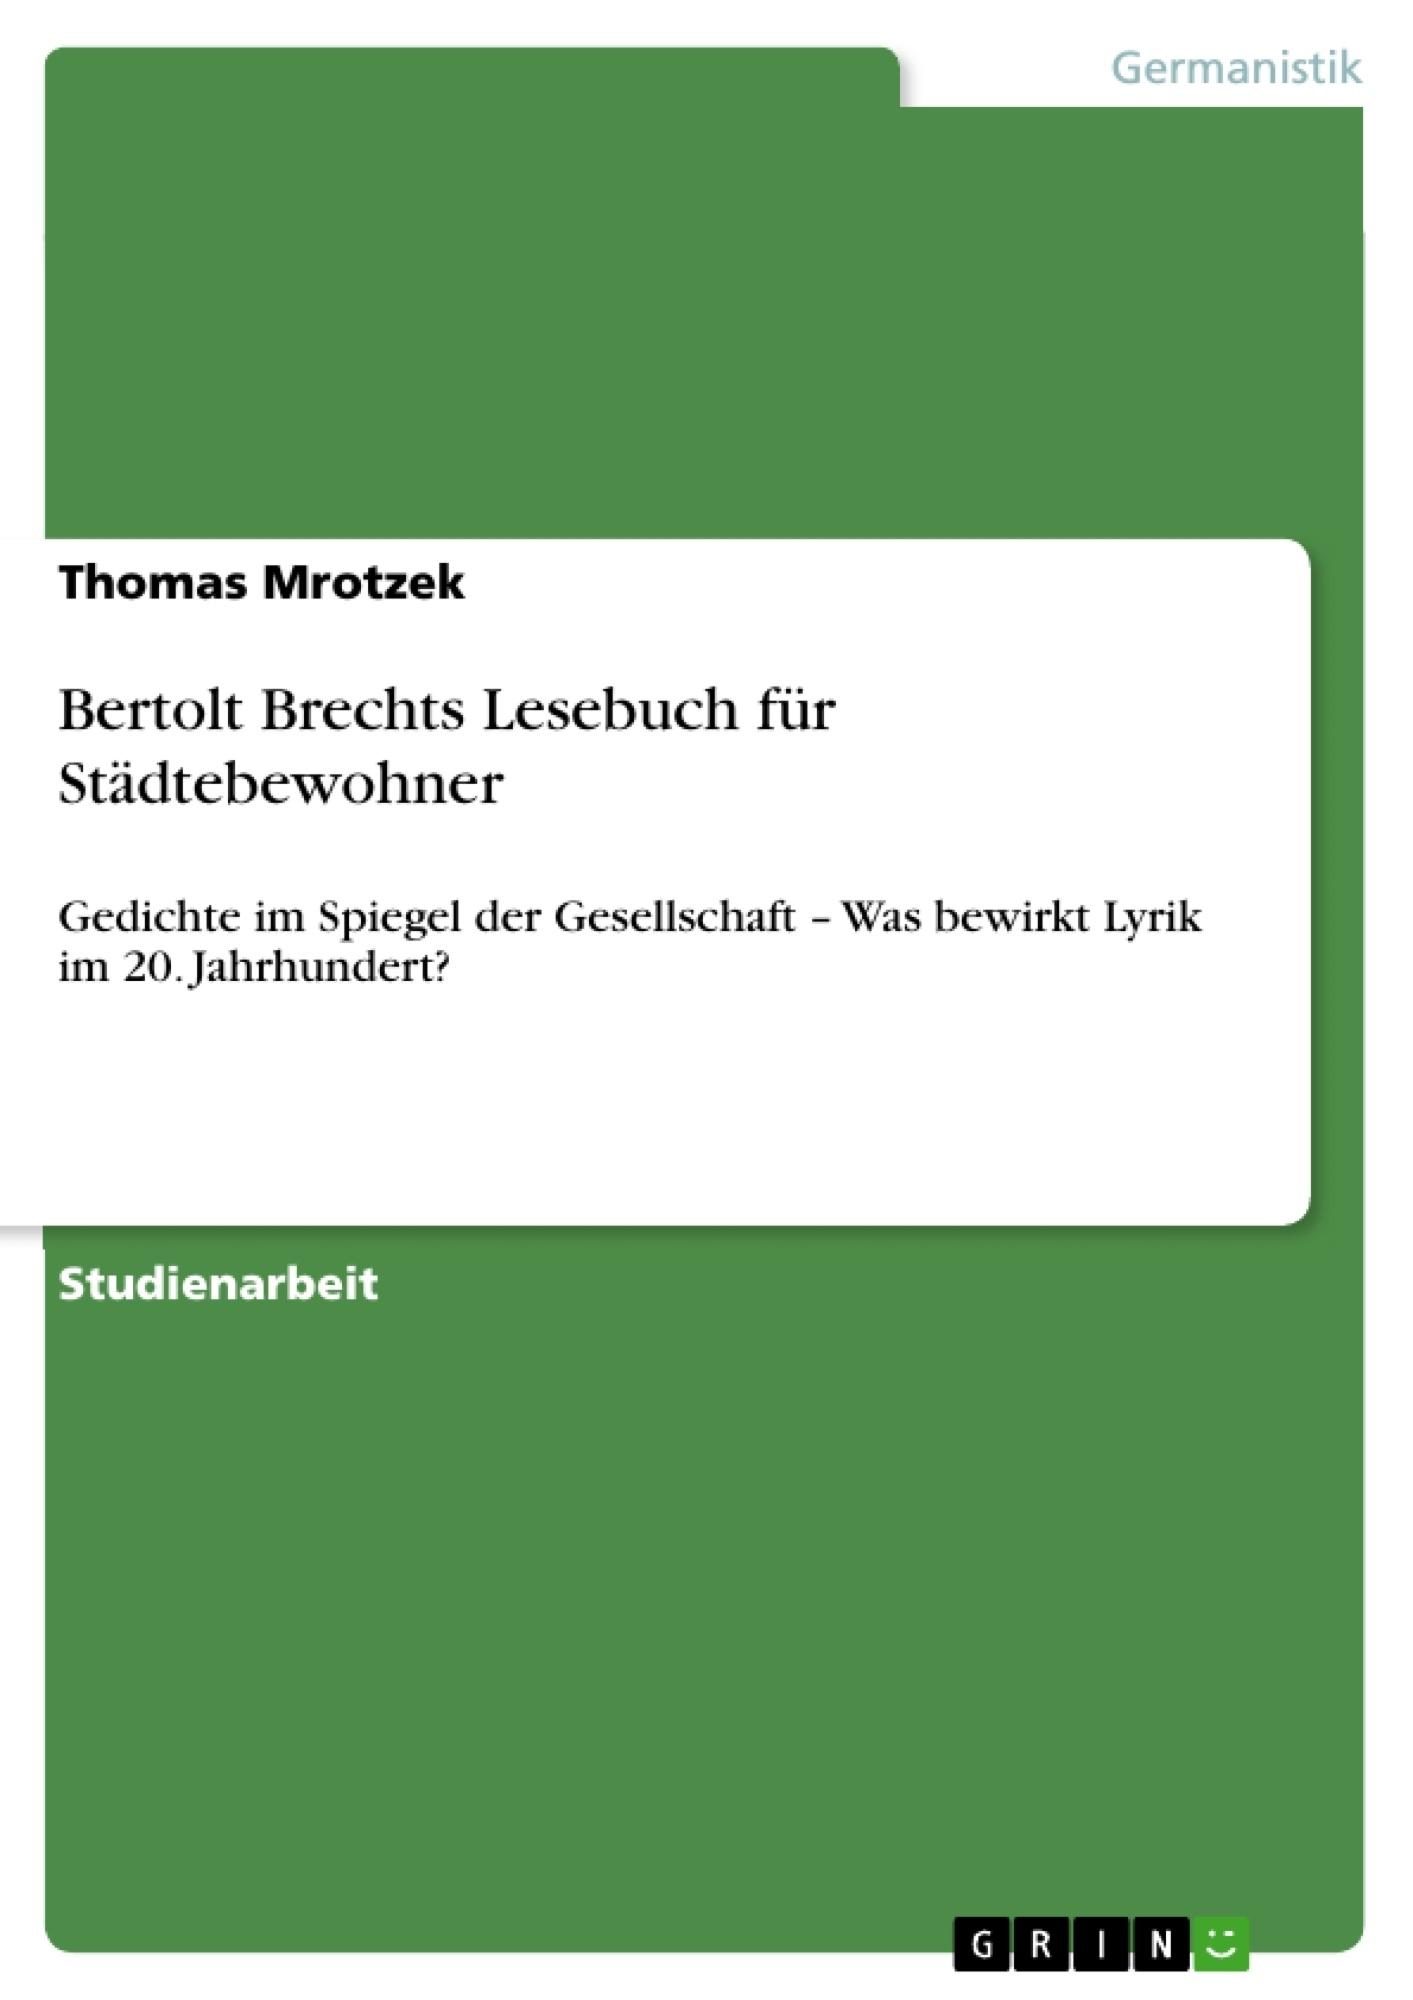 Titel: Bertolt Brechts Lesebuch für Städtebewohner